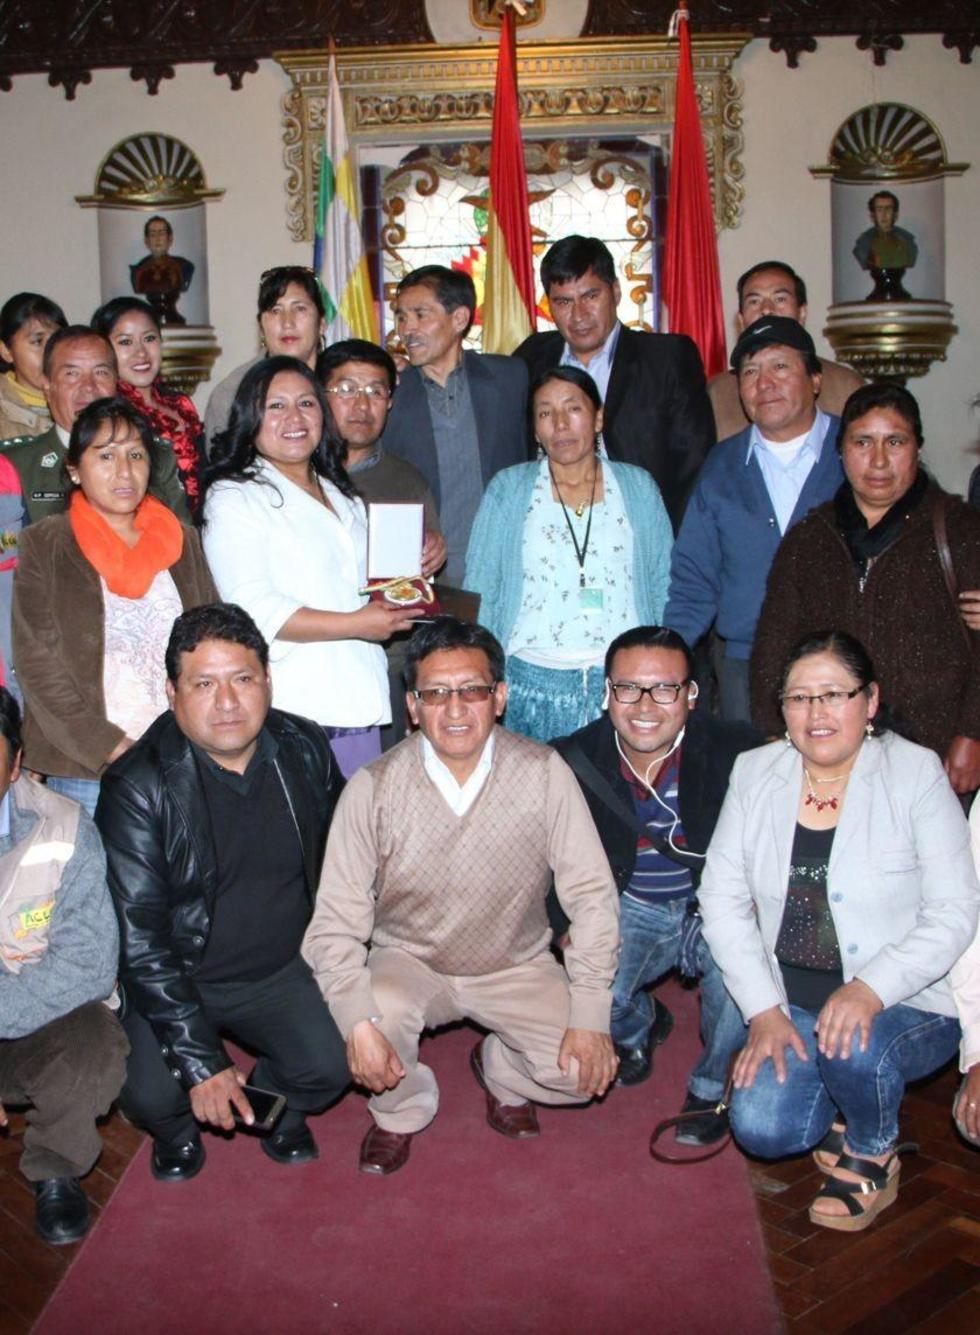 El personal de la institución junto al gobernador.